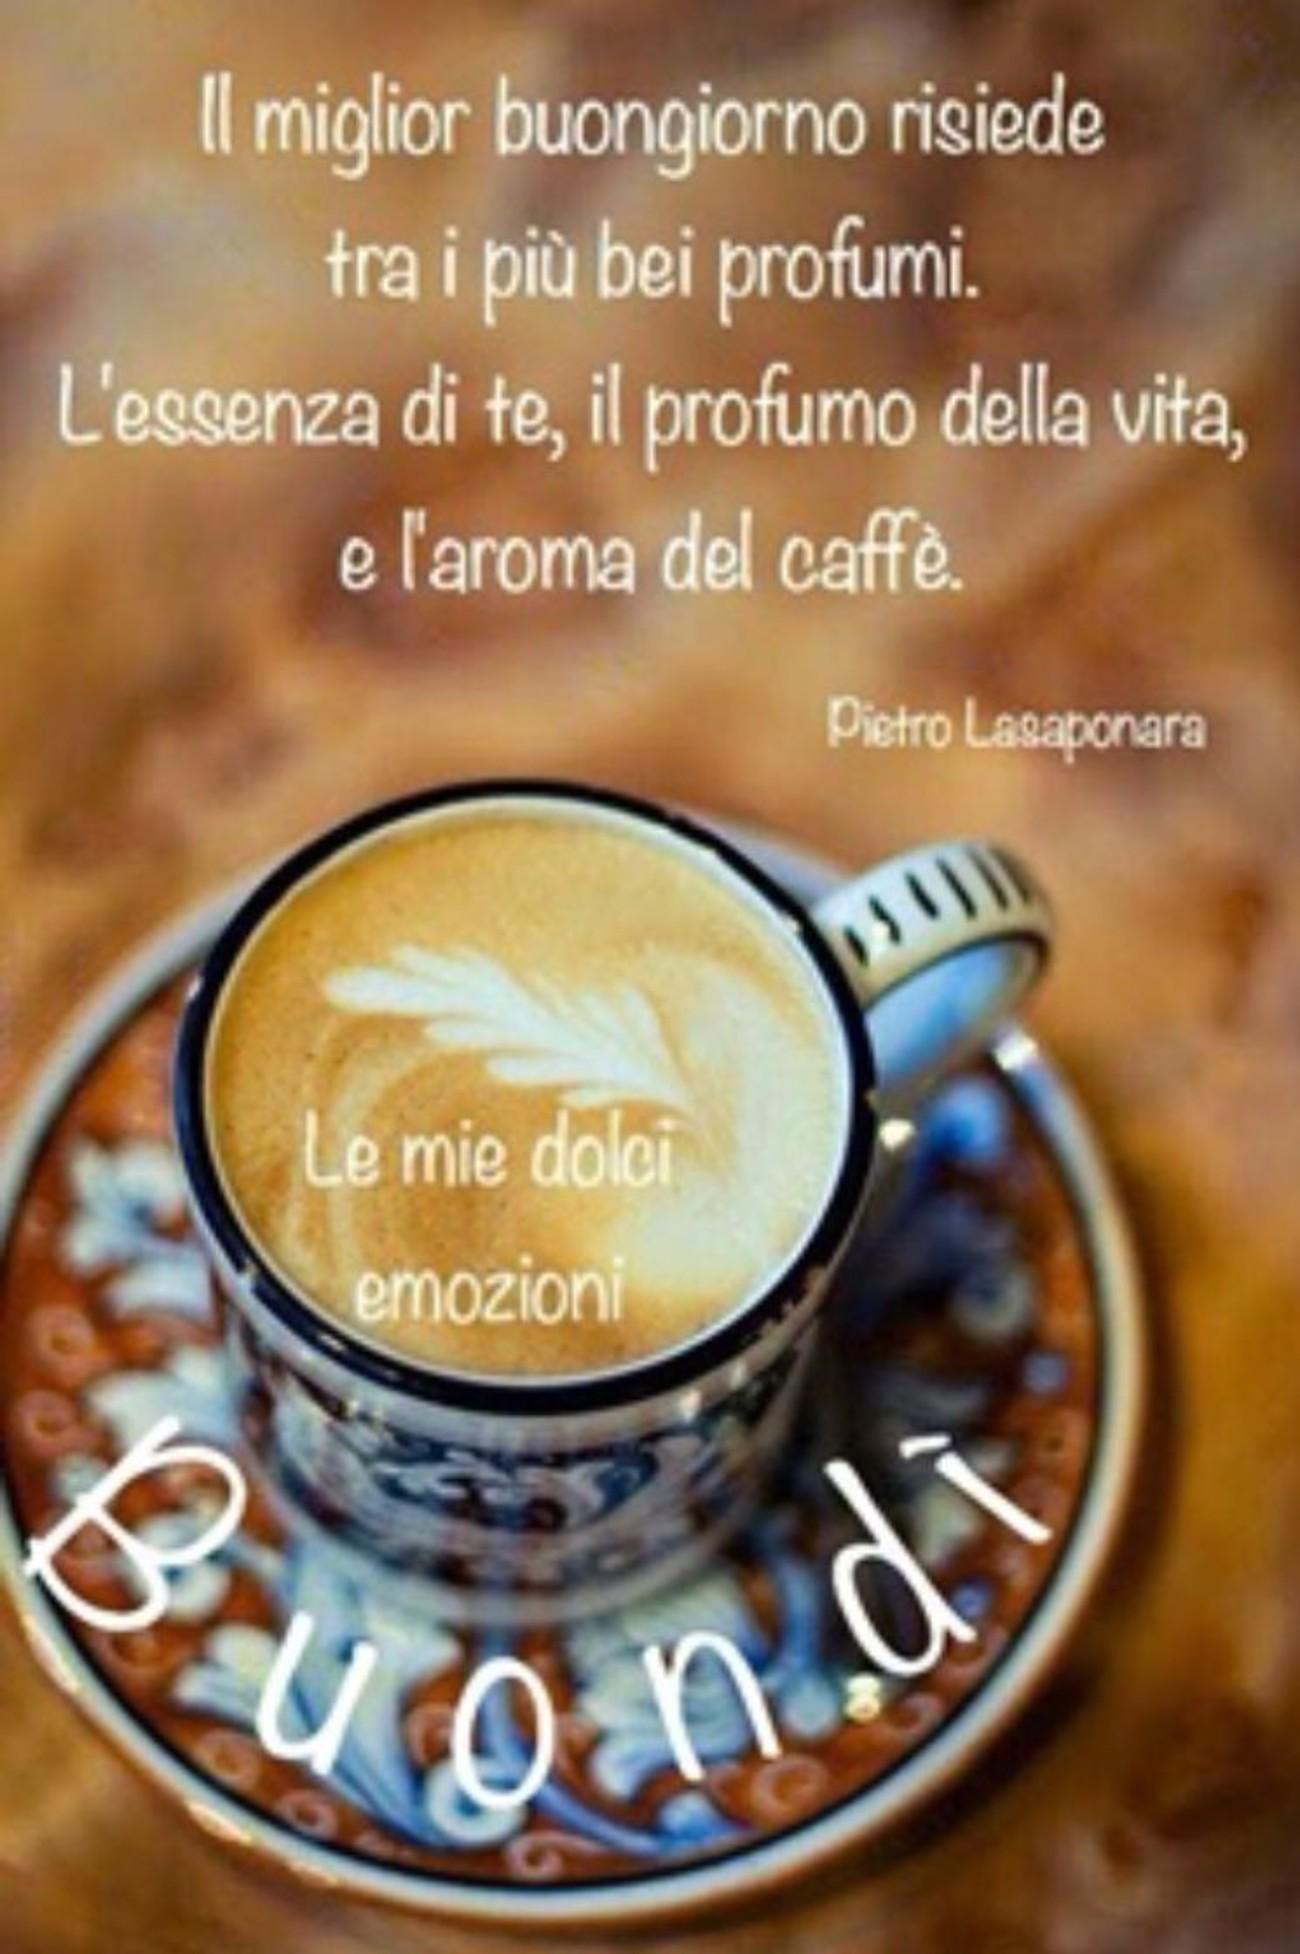 Immagini Buongiorno con caffè 2